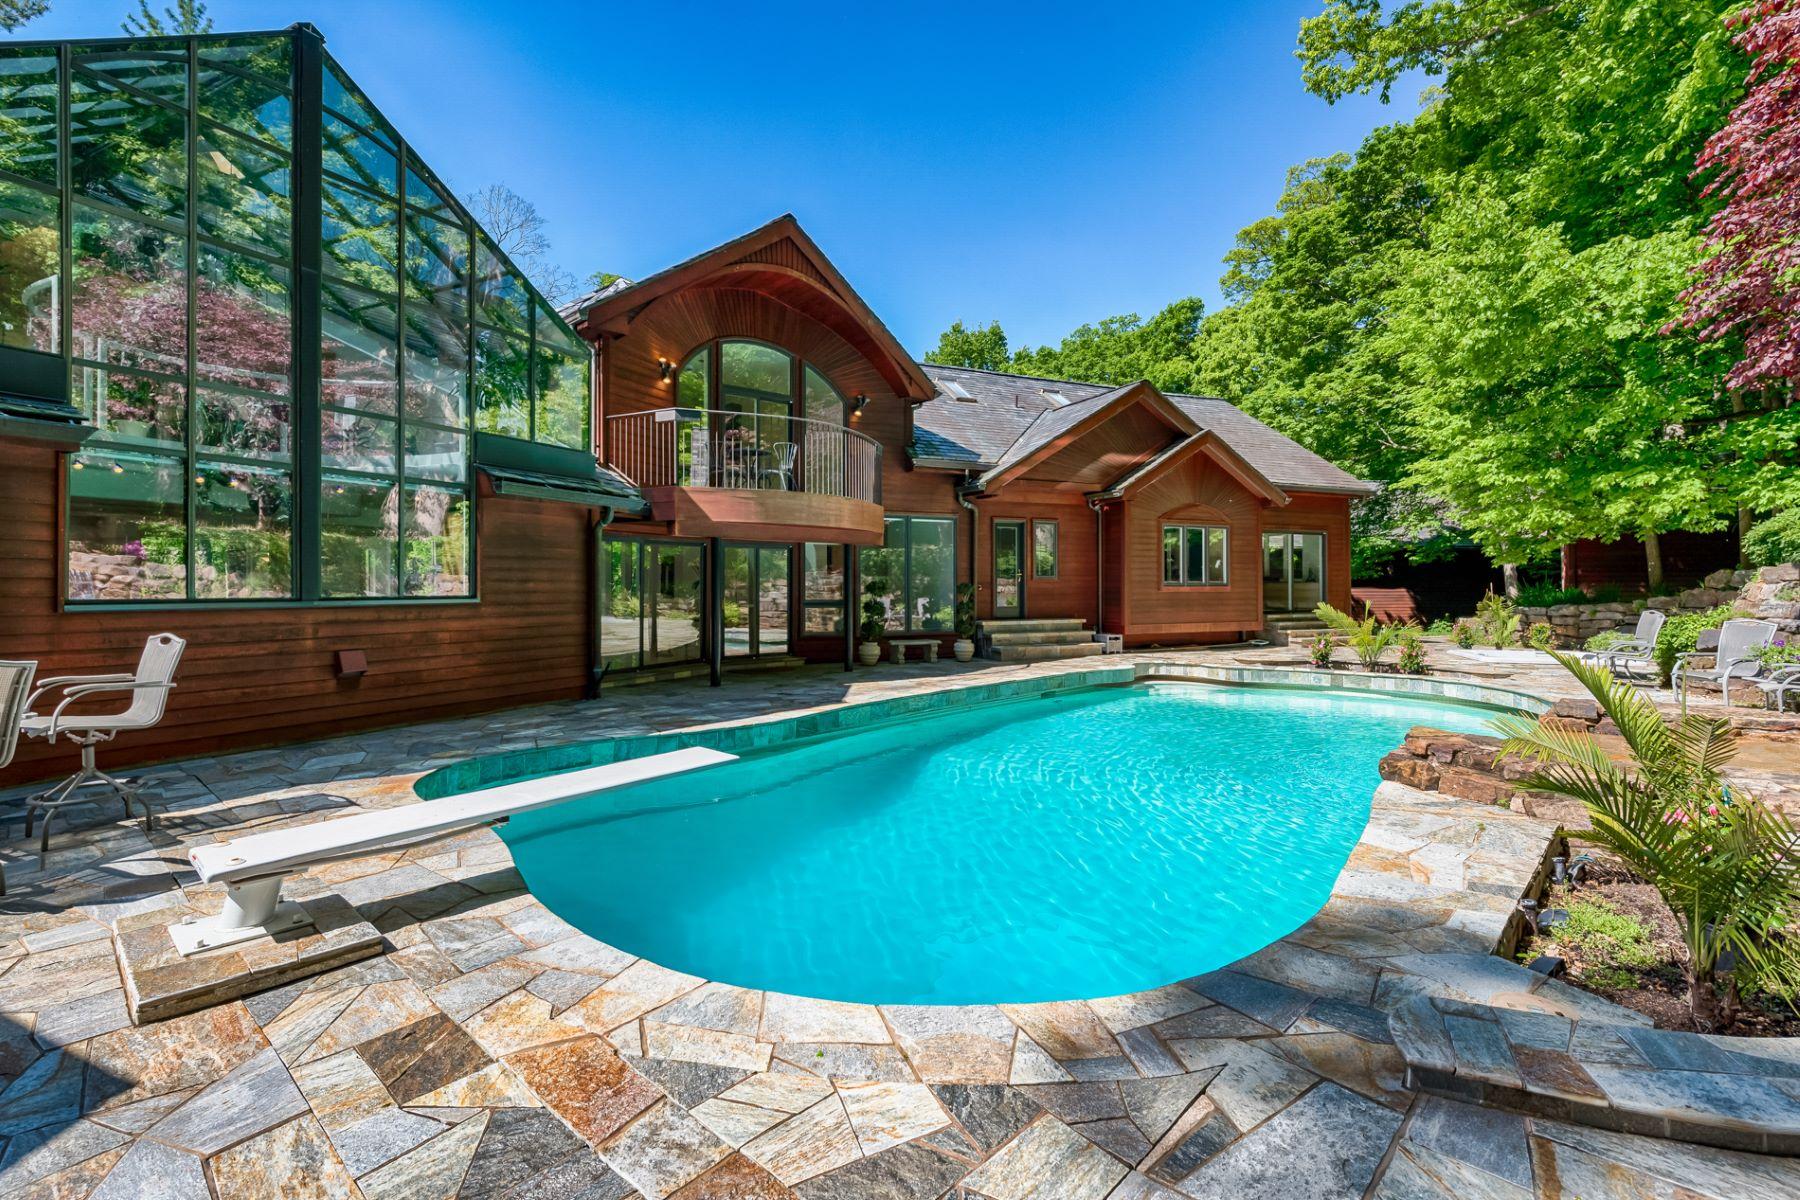 واحد منزل الأسرة للـ Sale في Arrowhead Estates Ct 9 Arrowhead Estates Ct, Chesterfield, Missouri, 63017 United States